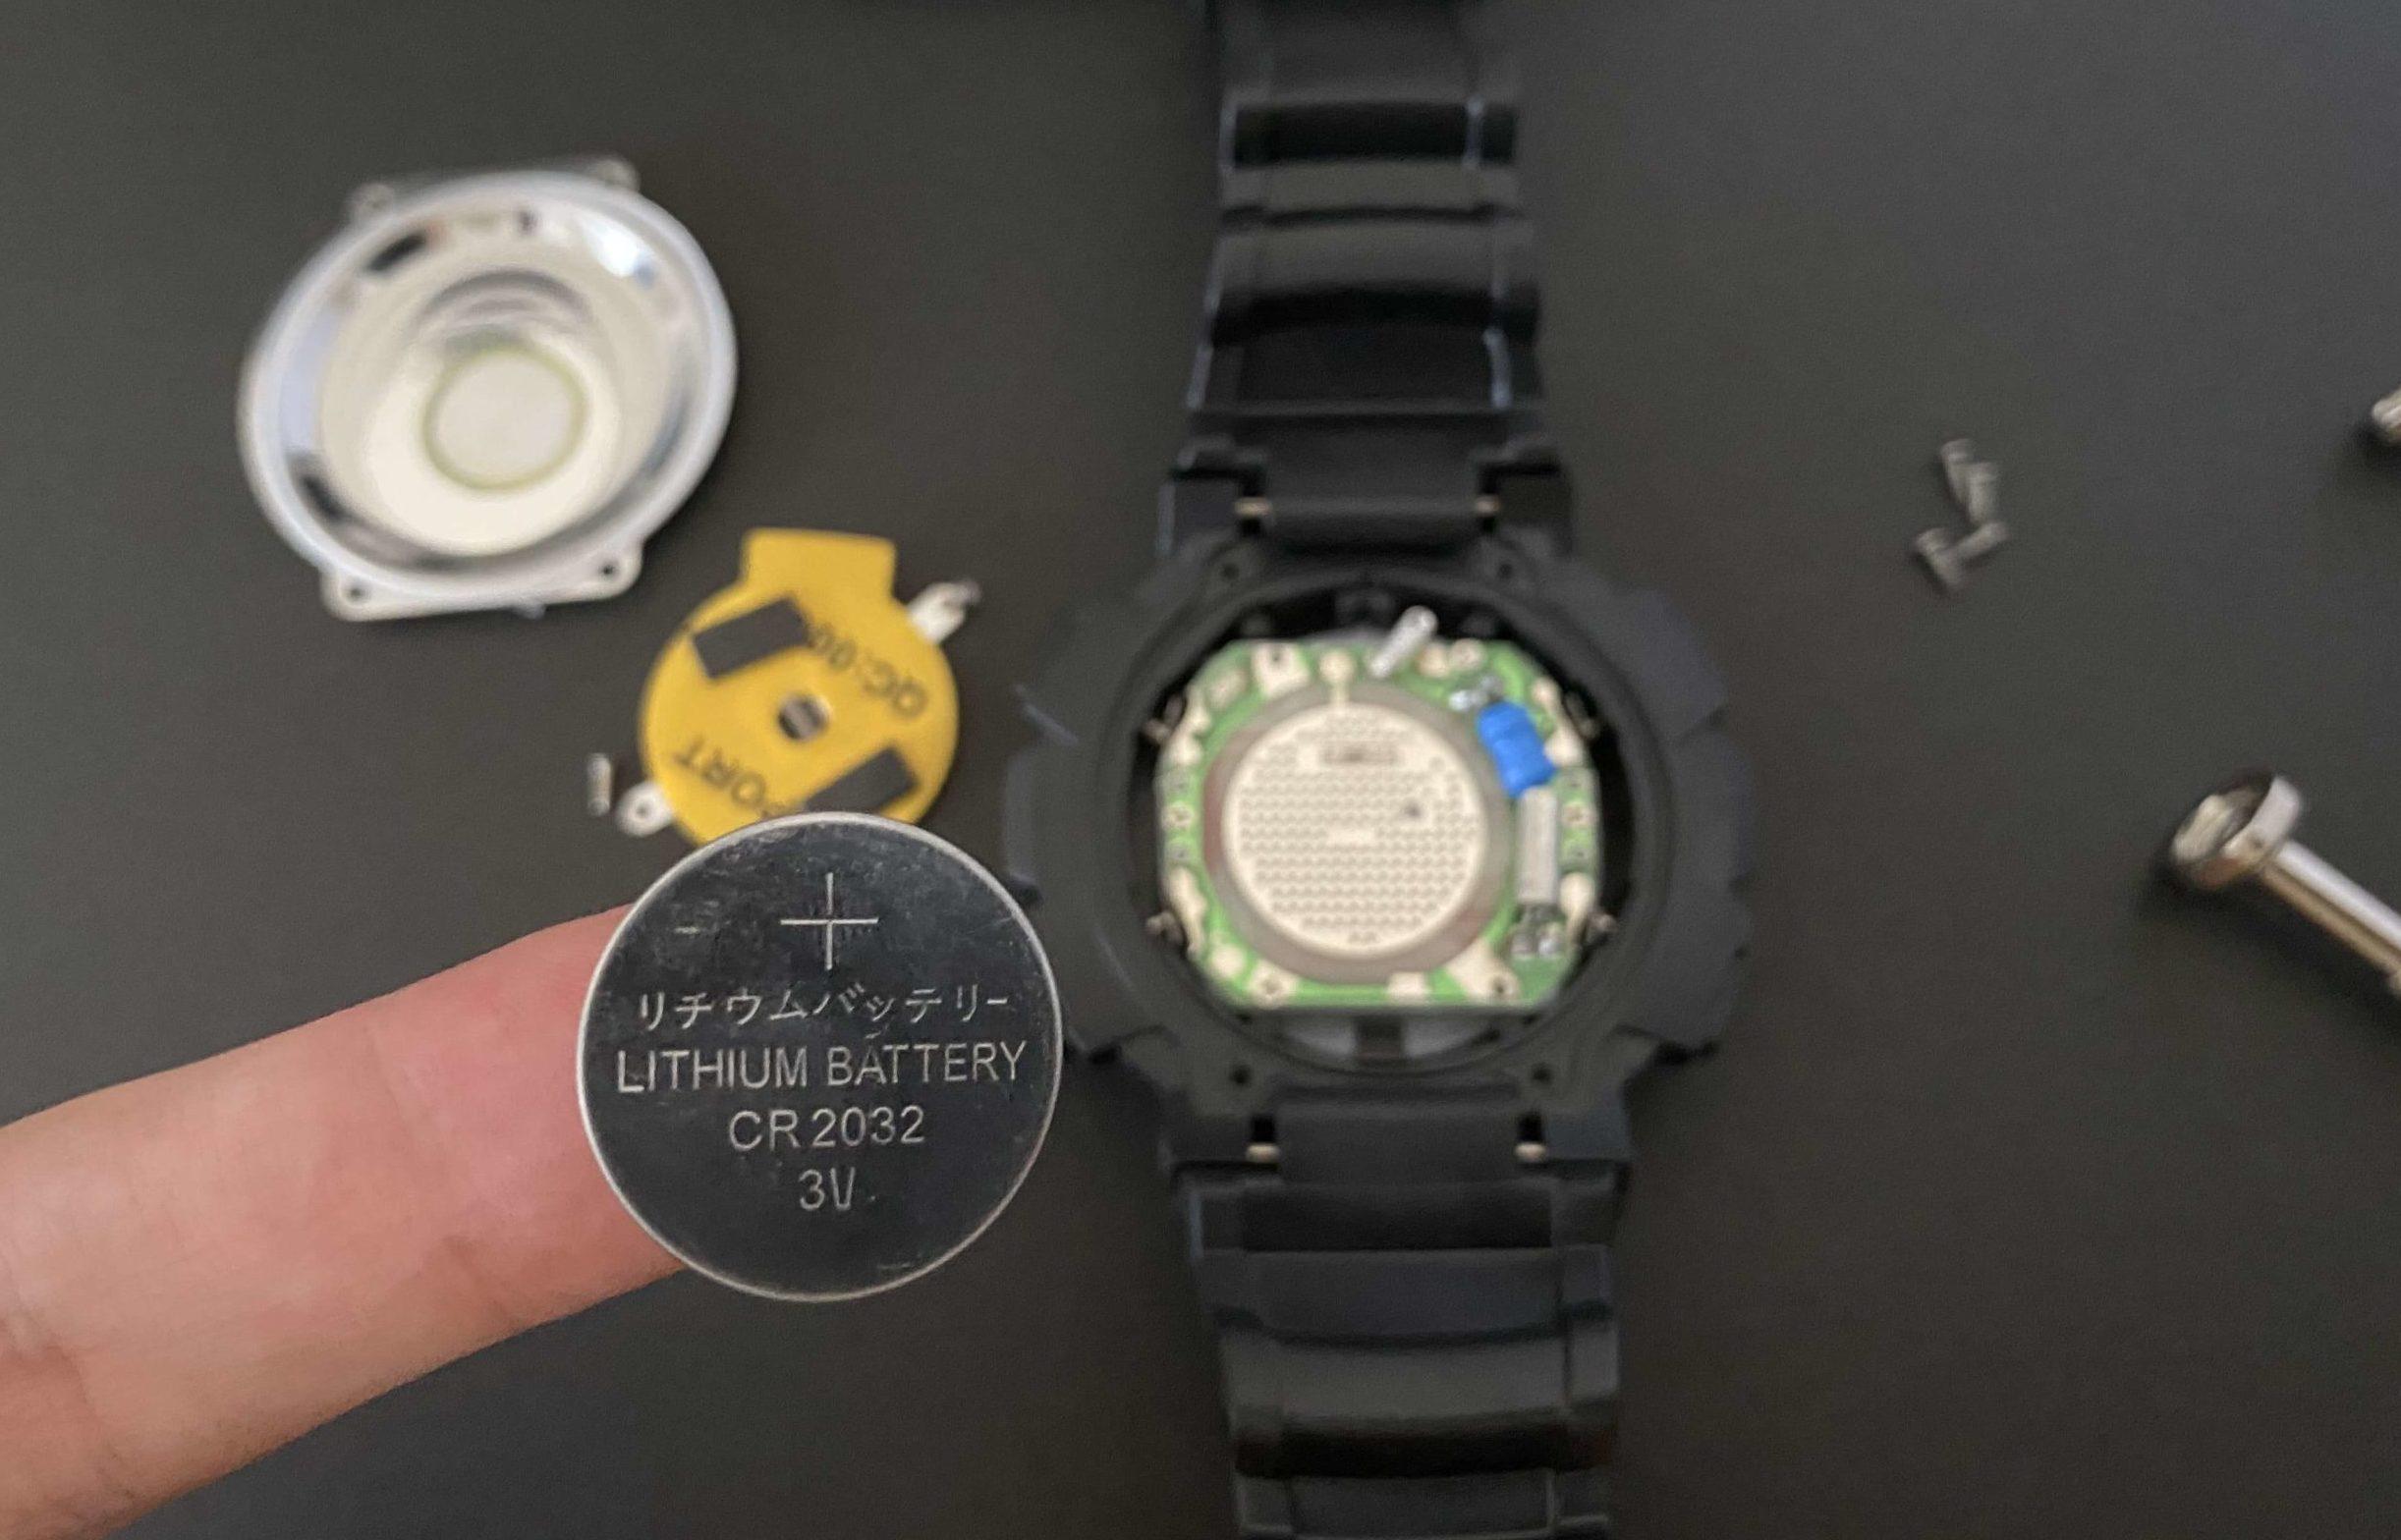 CR2032を腕時計から取り出した光景